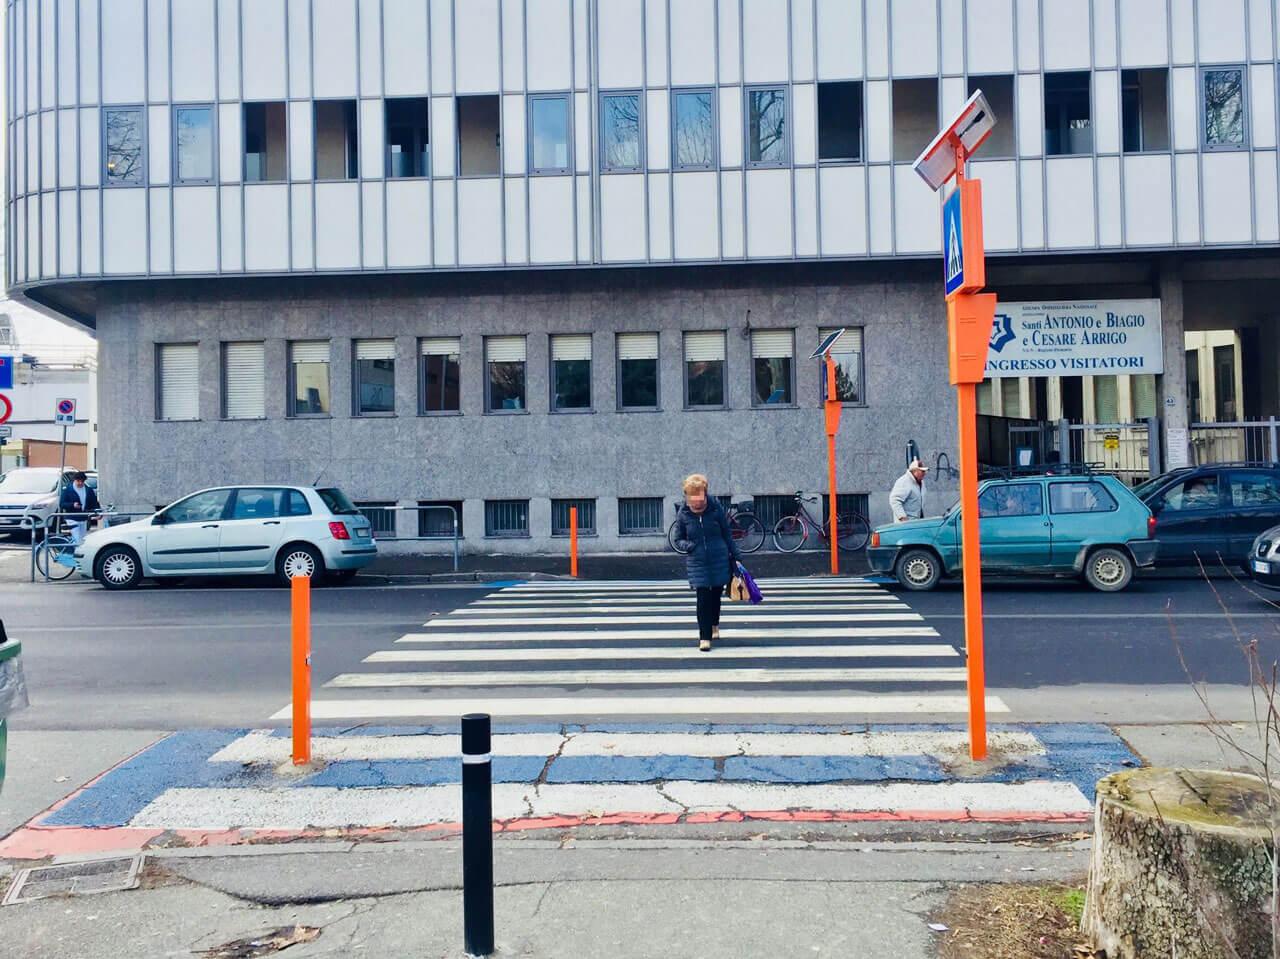 Installazione Alessandria - sicurezza stradale piemonte -foto 5